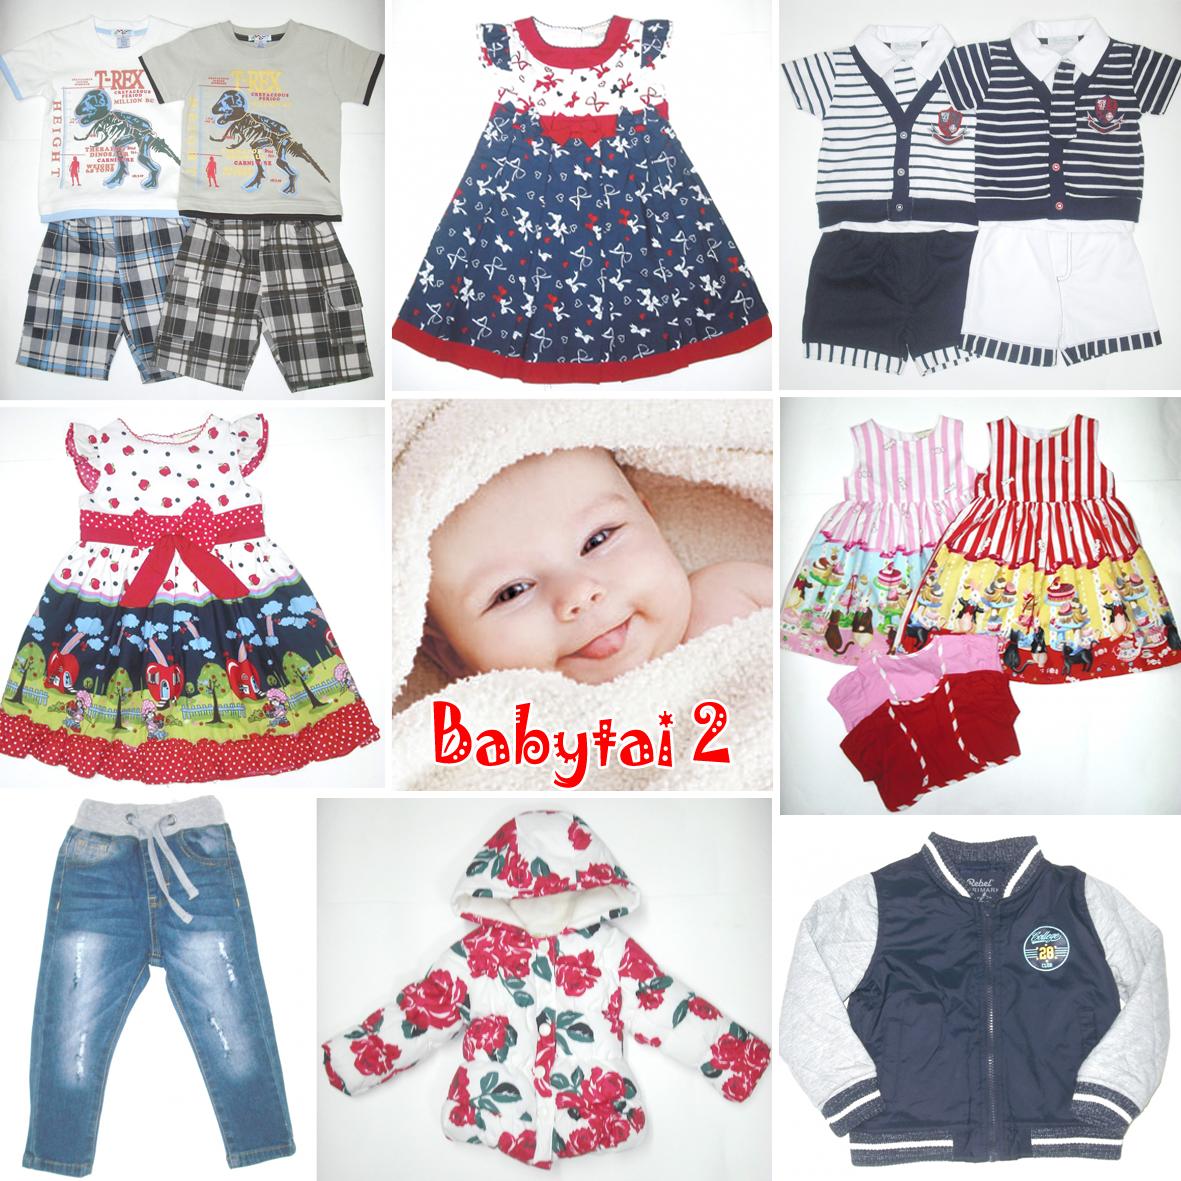 Сбор заказов. Babytai - большой выбор детской одежды от 0 и старше. Утепленные костюмы для малышей. Праздничные платья. Распродажа: все по 200, 300, 400 рублей. Выкуп 2